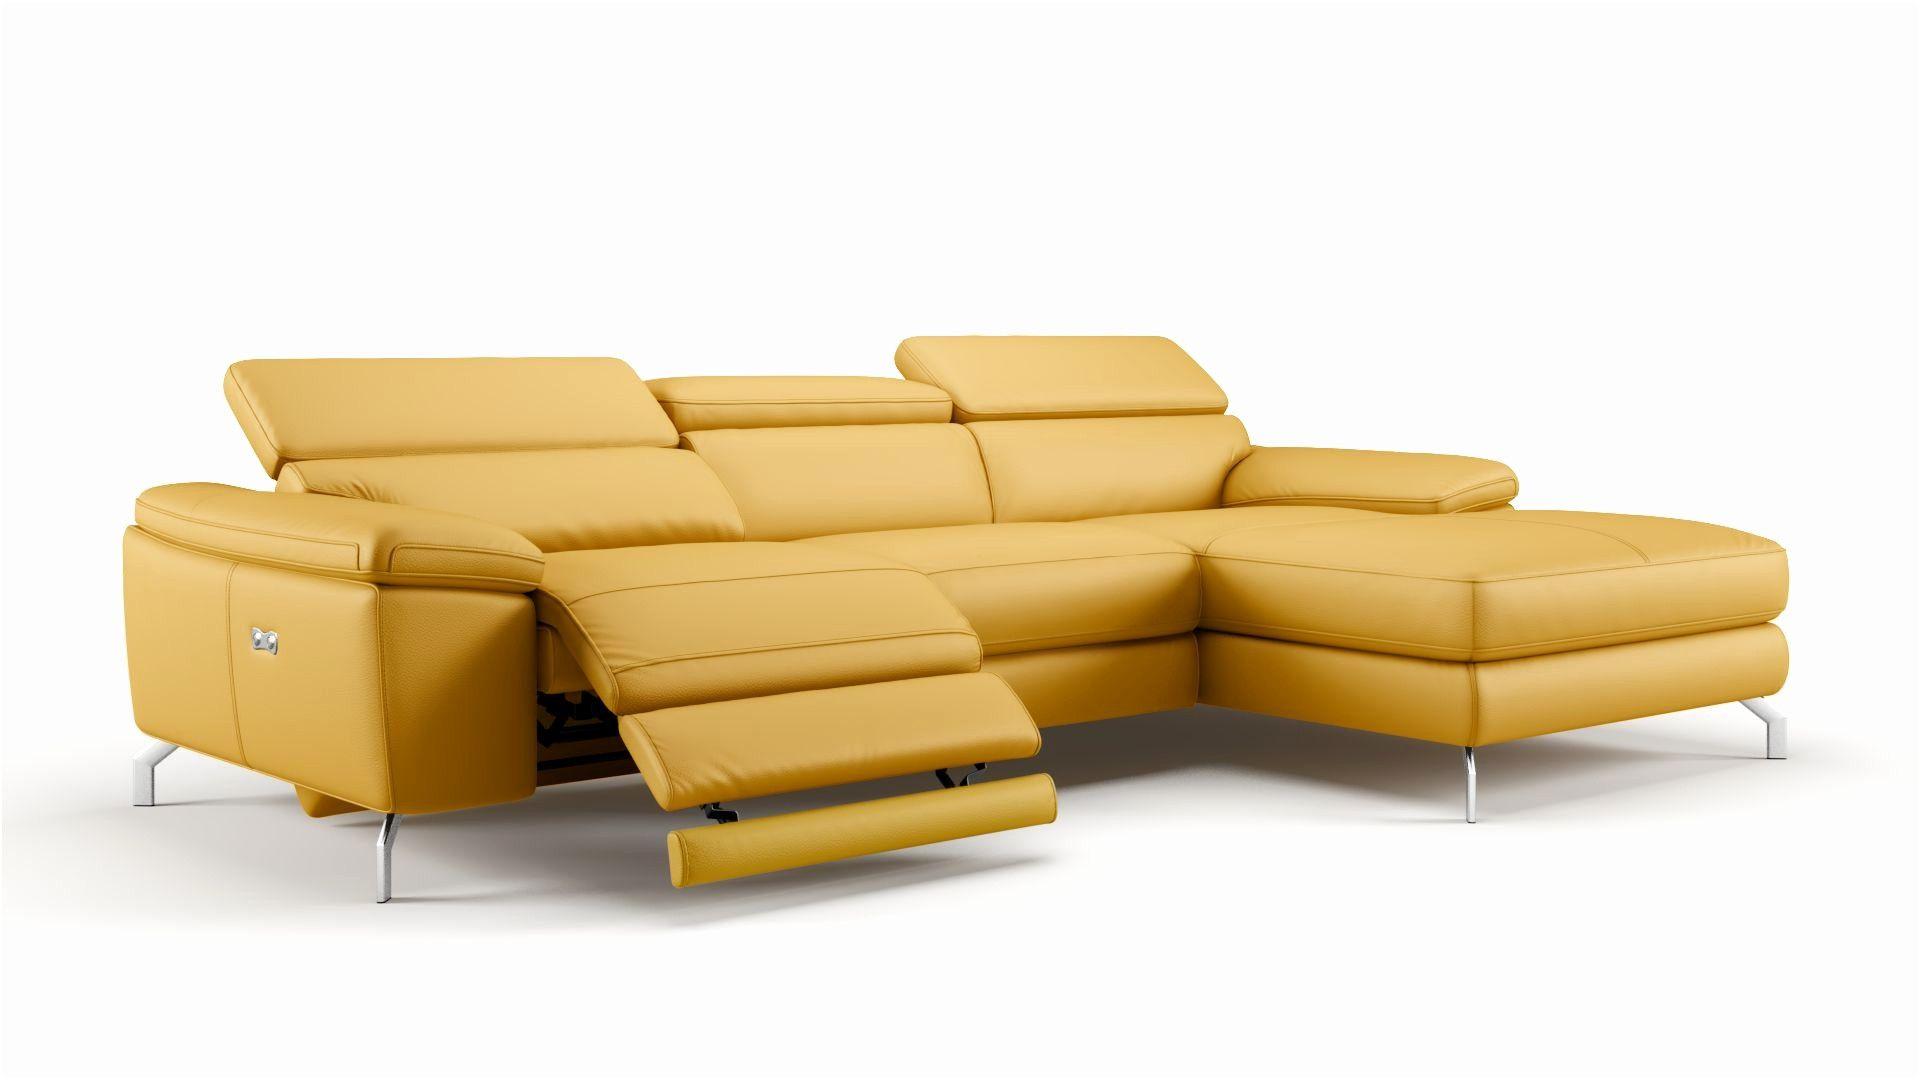 Blickfang Sofa Relaxfunktion Referenz Von Realistisch Zweisitzer Mit